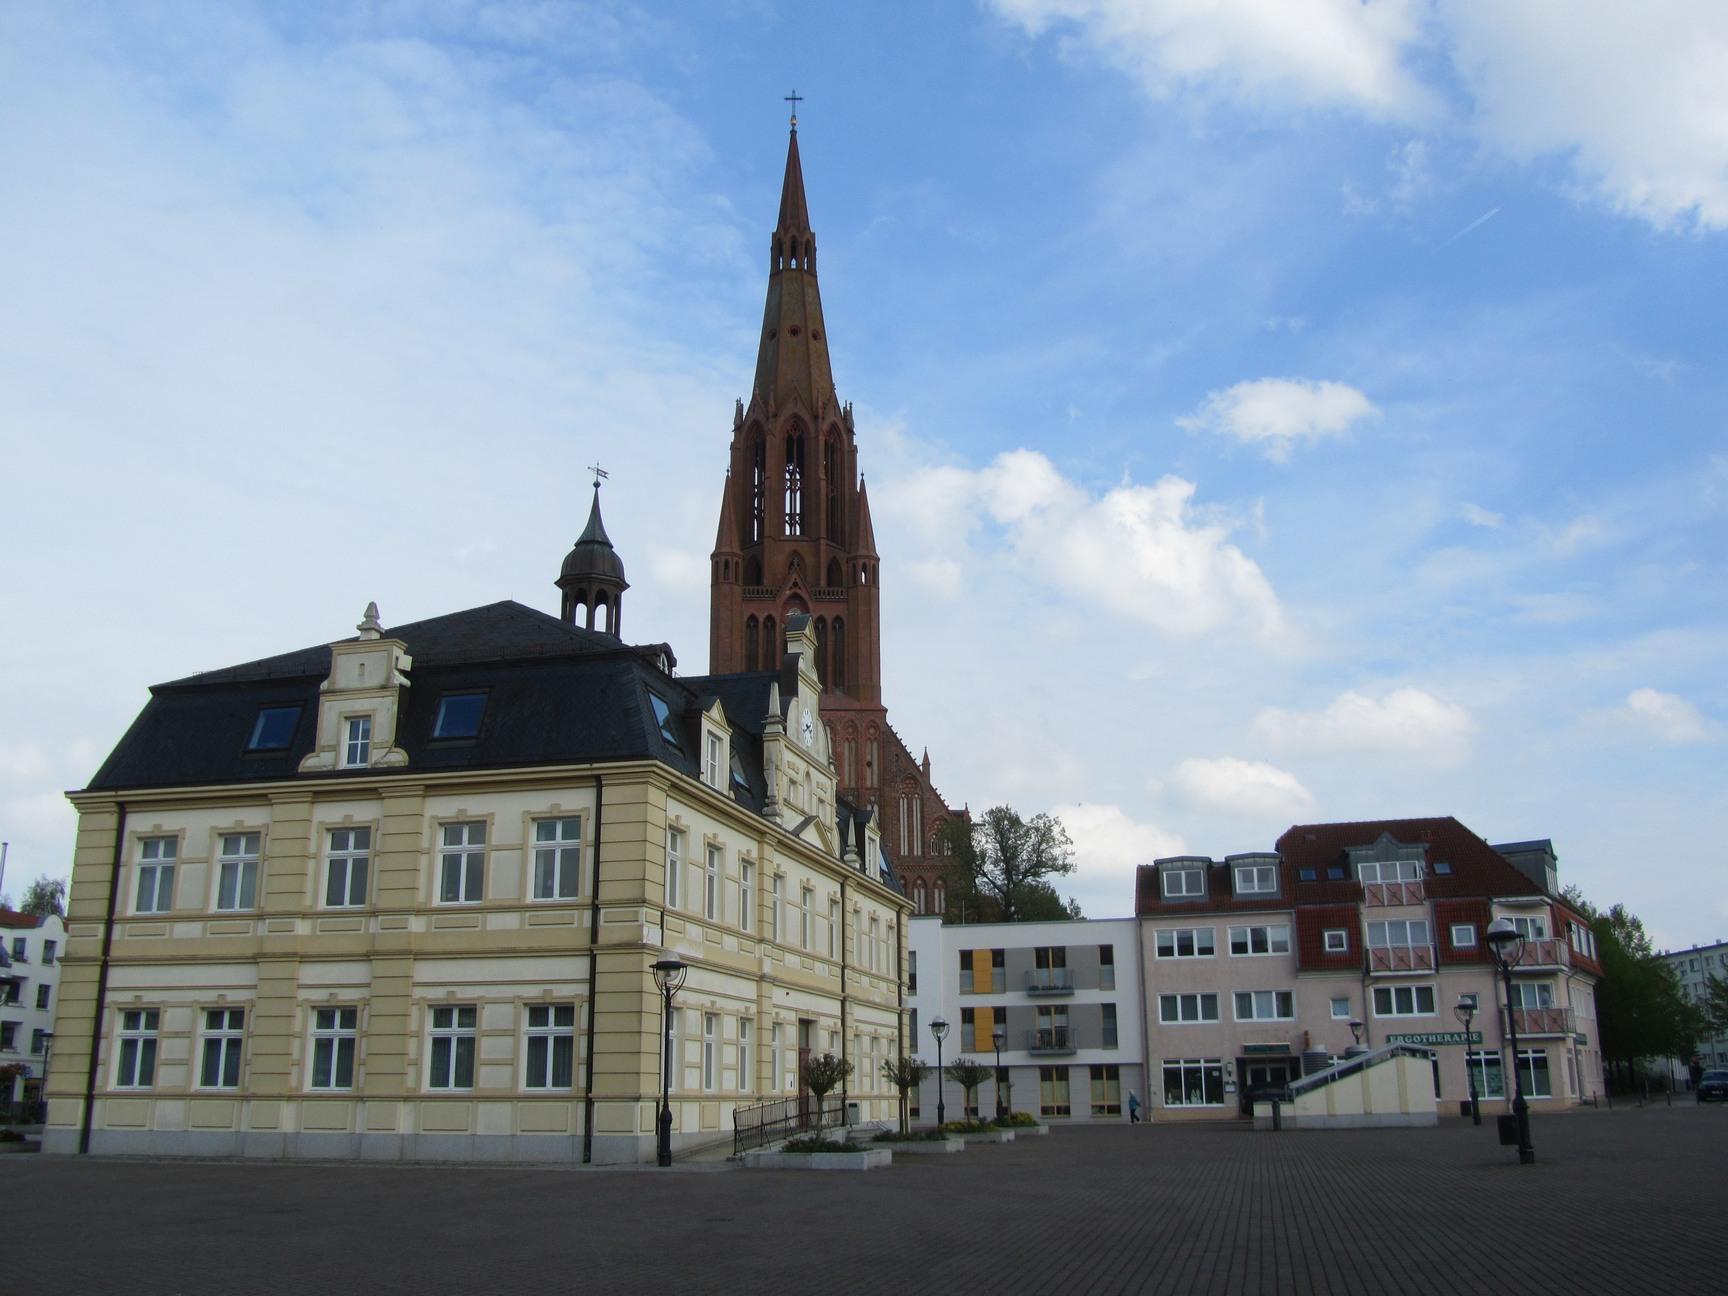 Marktplatz Hansestadt Demmin